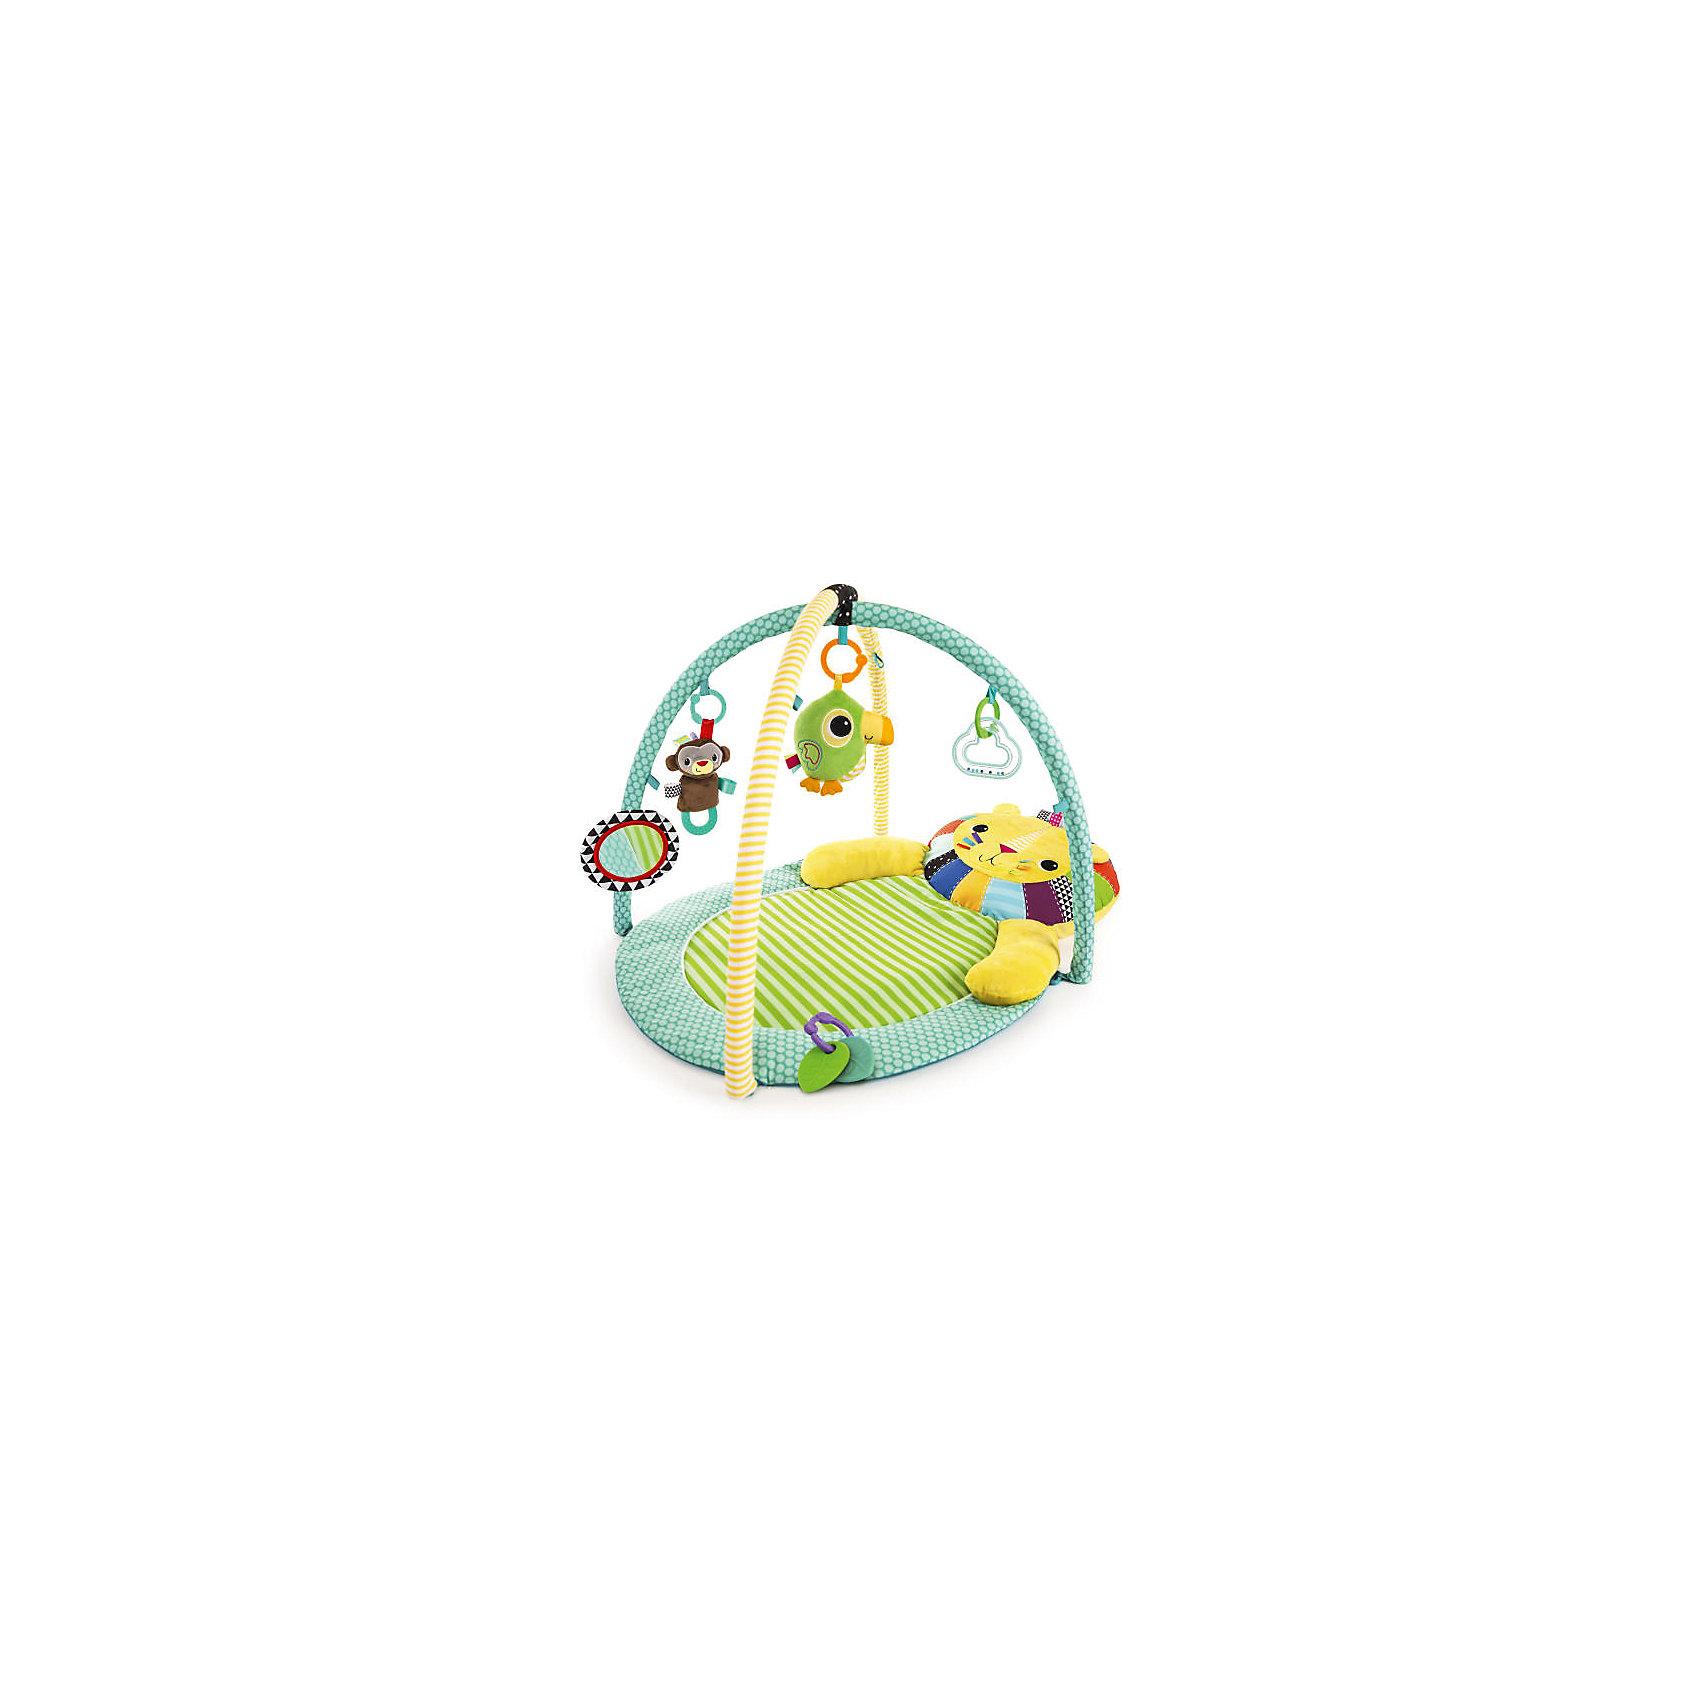 Развивающий коврик Bright Starts Львёнок (звук)Развивающие коврики<br>Малыш будет чувствовать себя очень комфортно, играя на этом уютном коврике!<br><br>ОСОБЕННОСТИ<br>Мягкий удобный коврик стимулирует развитие координации, моторики, зрения и слуха крохи<br>Подушка-львёнок поддержит головку малыша, когда он  будет лежать на коврике<br>Подвесные игрушки включены в комплект:<br>Туканчик с звуковыми эффектами (мелодии  играют более 20 мин.)<br>Мягкая обезьянка<br>Безопасное зеркальце<br>Погремушка в виде облачка<br>2 прорезывателя для зубок в форме листочков<br><br>Размеры товара: 62.23 см x 91.44 см x<br><br>Ширина мм: 9999<br>Глубина мм: 9999<br>Высота мм: 9999<br>Вес г: 9999<br>Возраст от месяцев: 0<br>Возраст до месяцев: 12<br>Пол: Унисекс<br>Возраст: Детский<br>SKU: 7064564